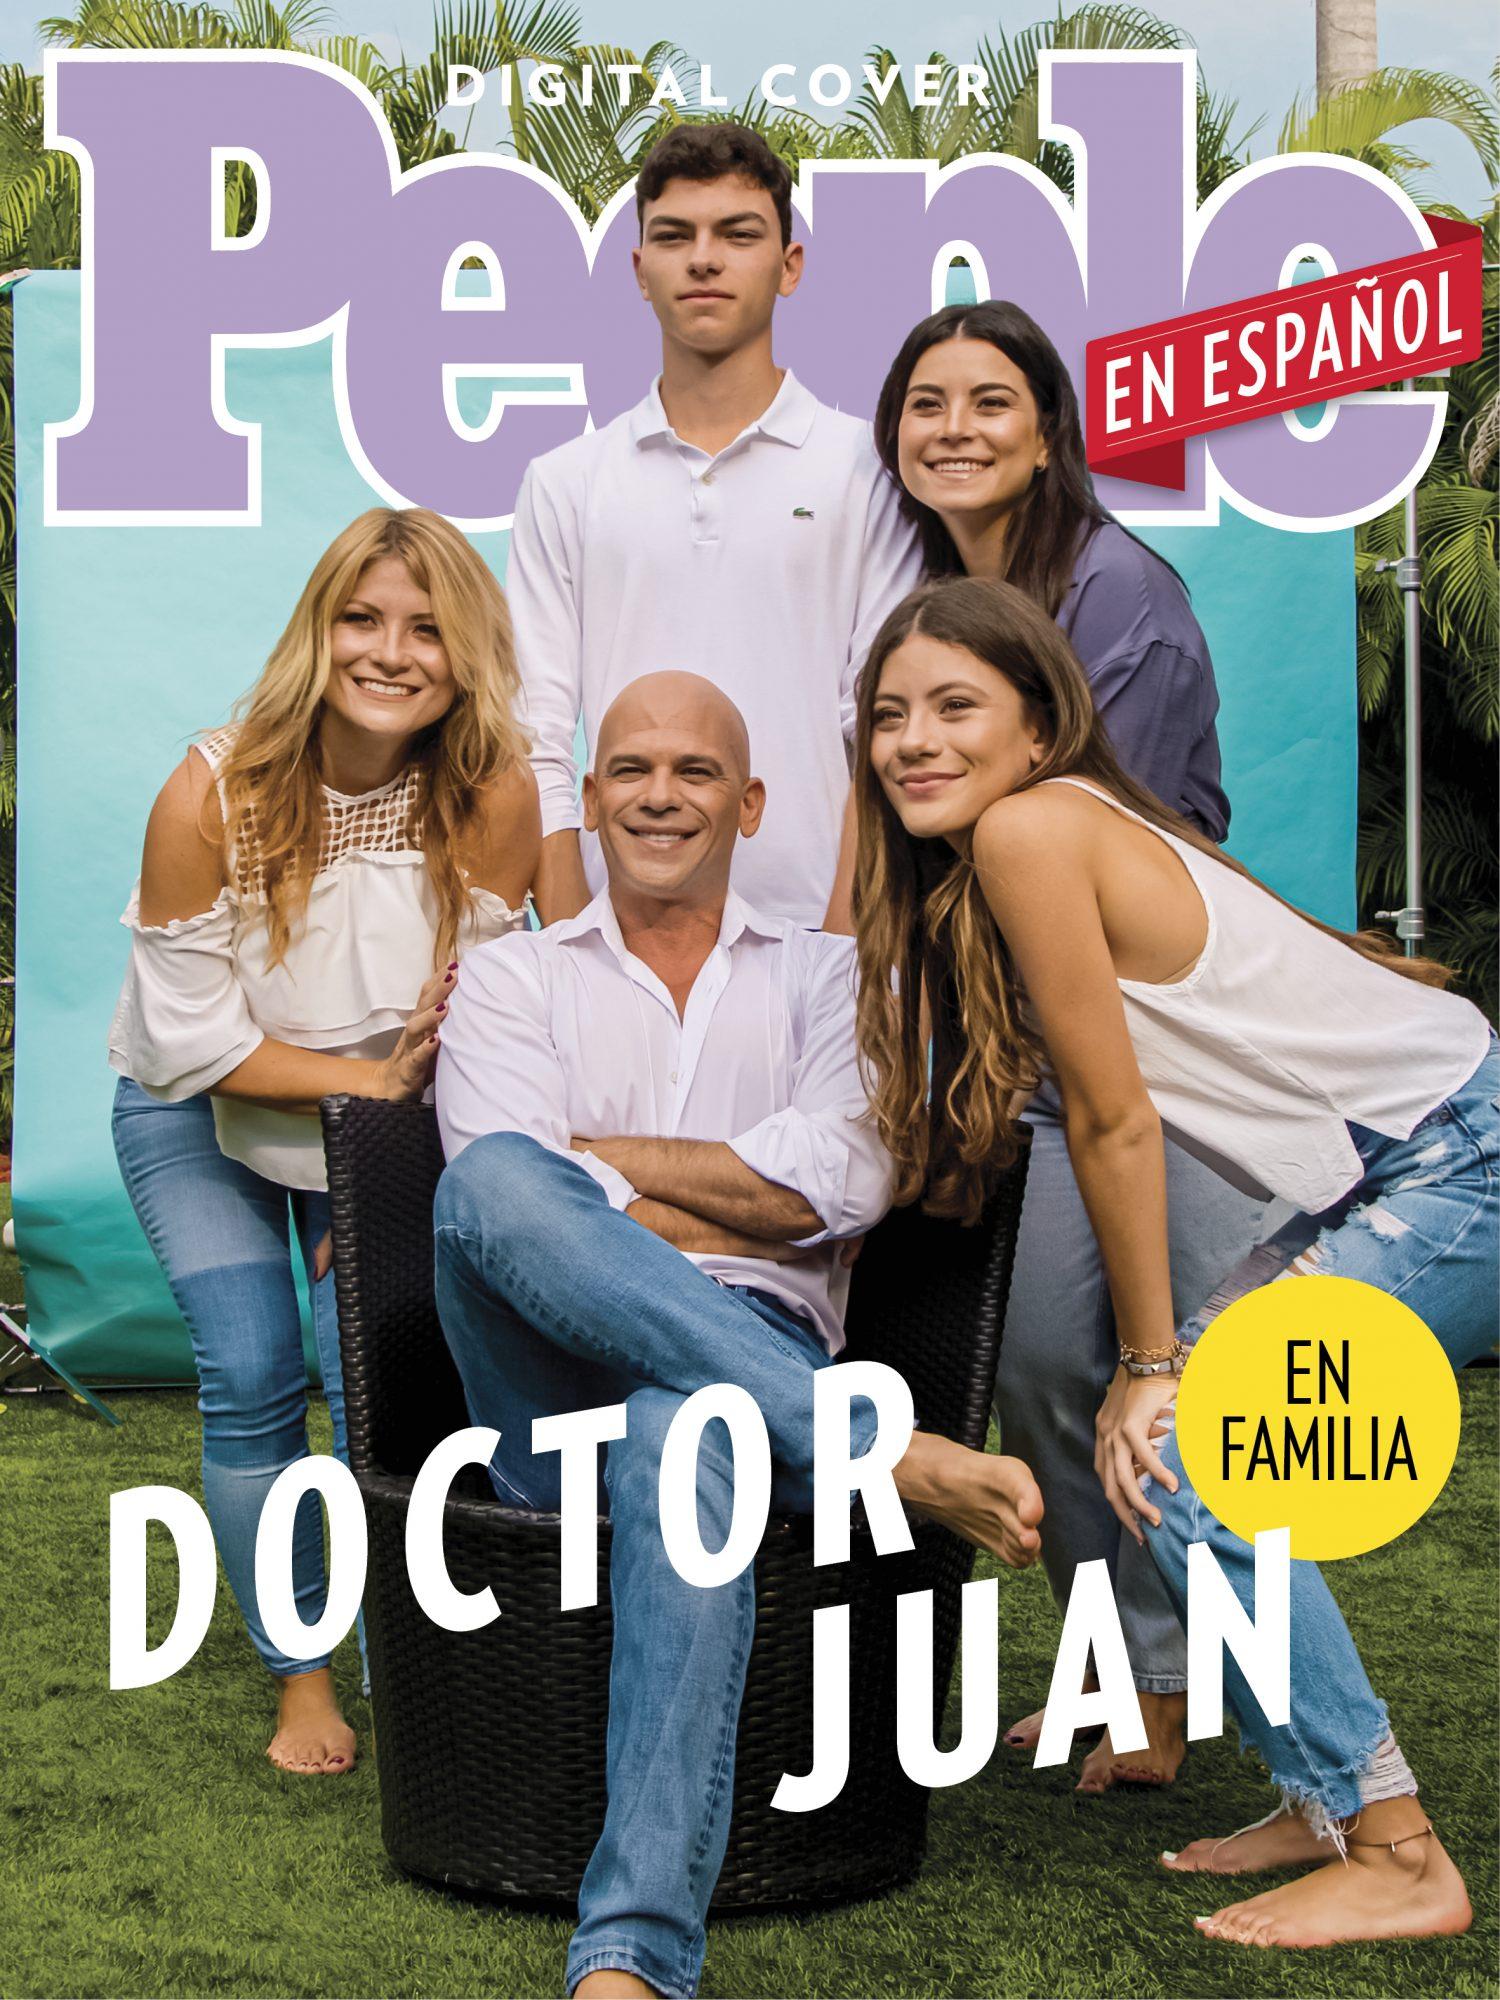 Dr. Juan Digital Cover (DO NOT REUSE)